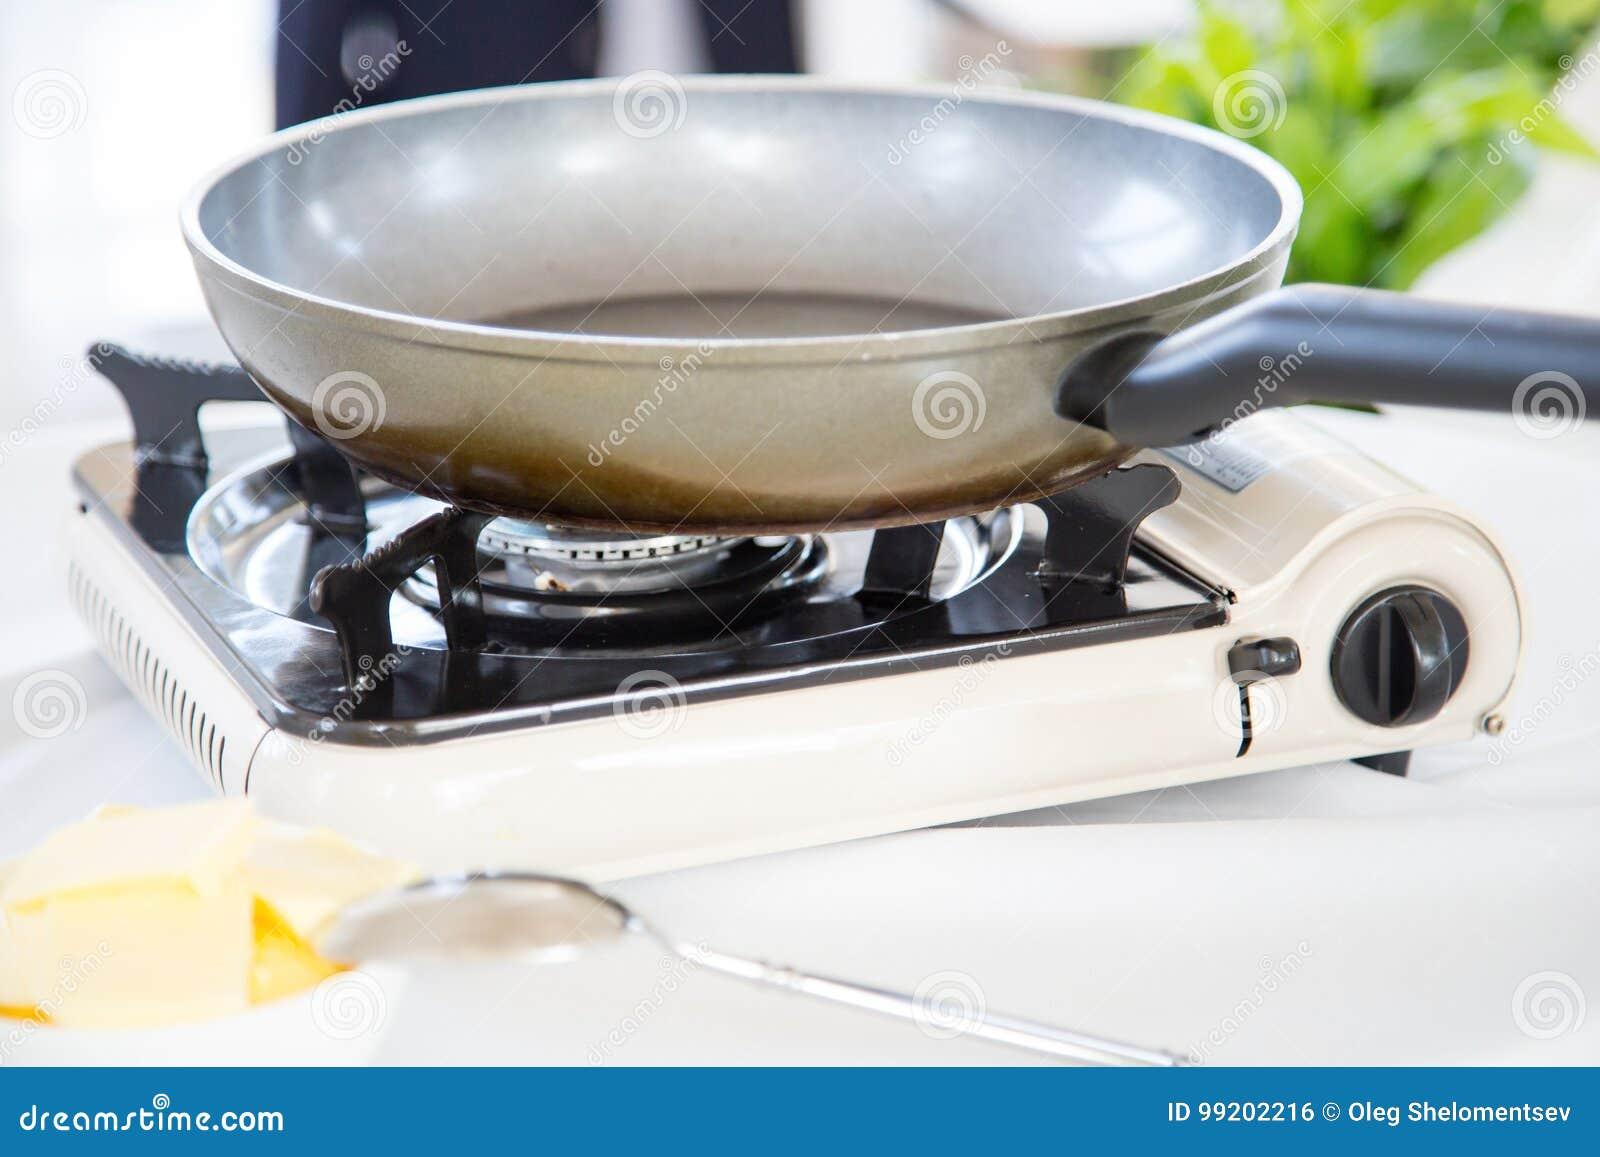 Tragbarer Gasherd Auf Dem Tisch Stockfoto Bild Von Cuisine Loffel